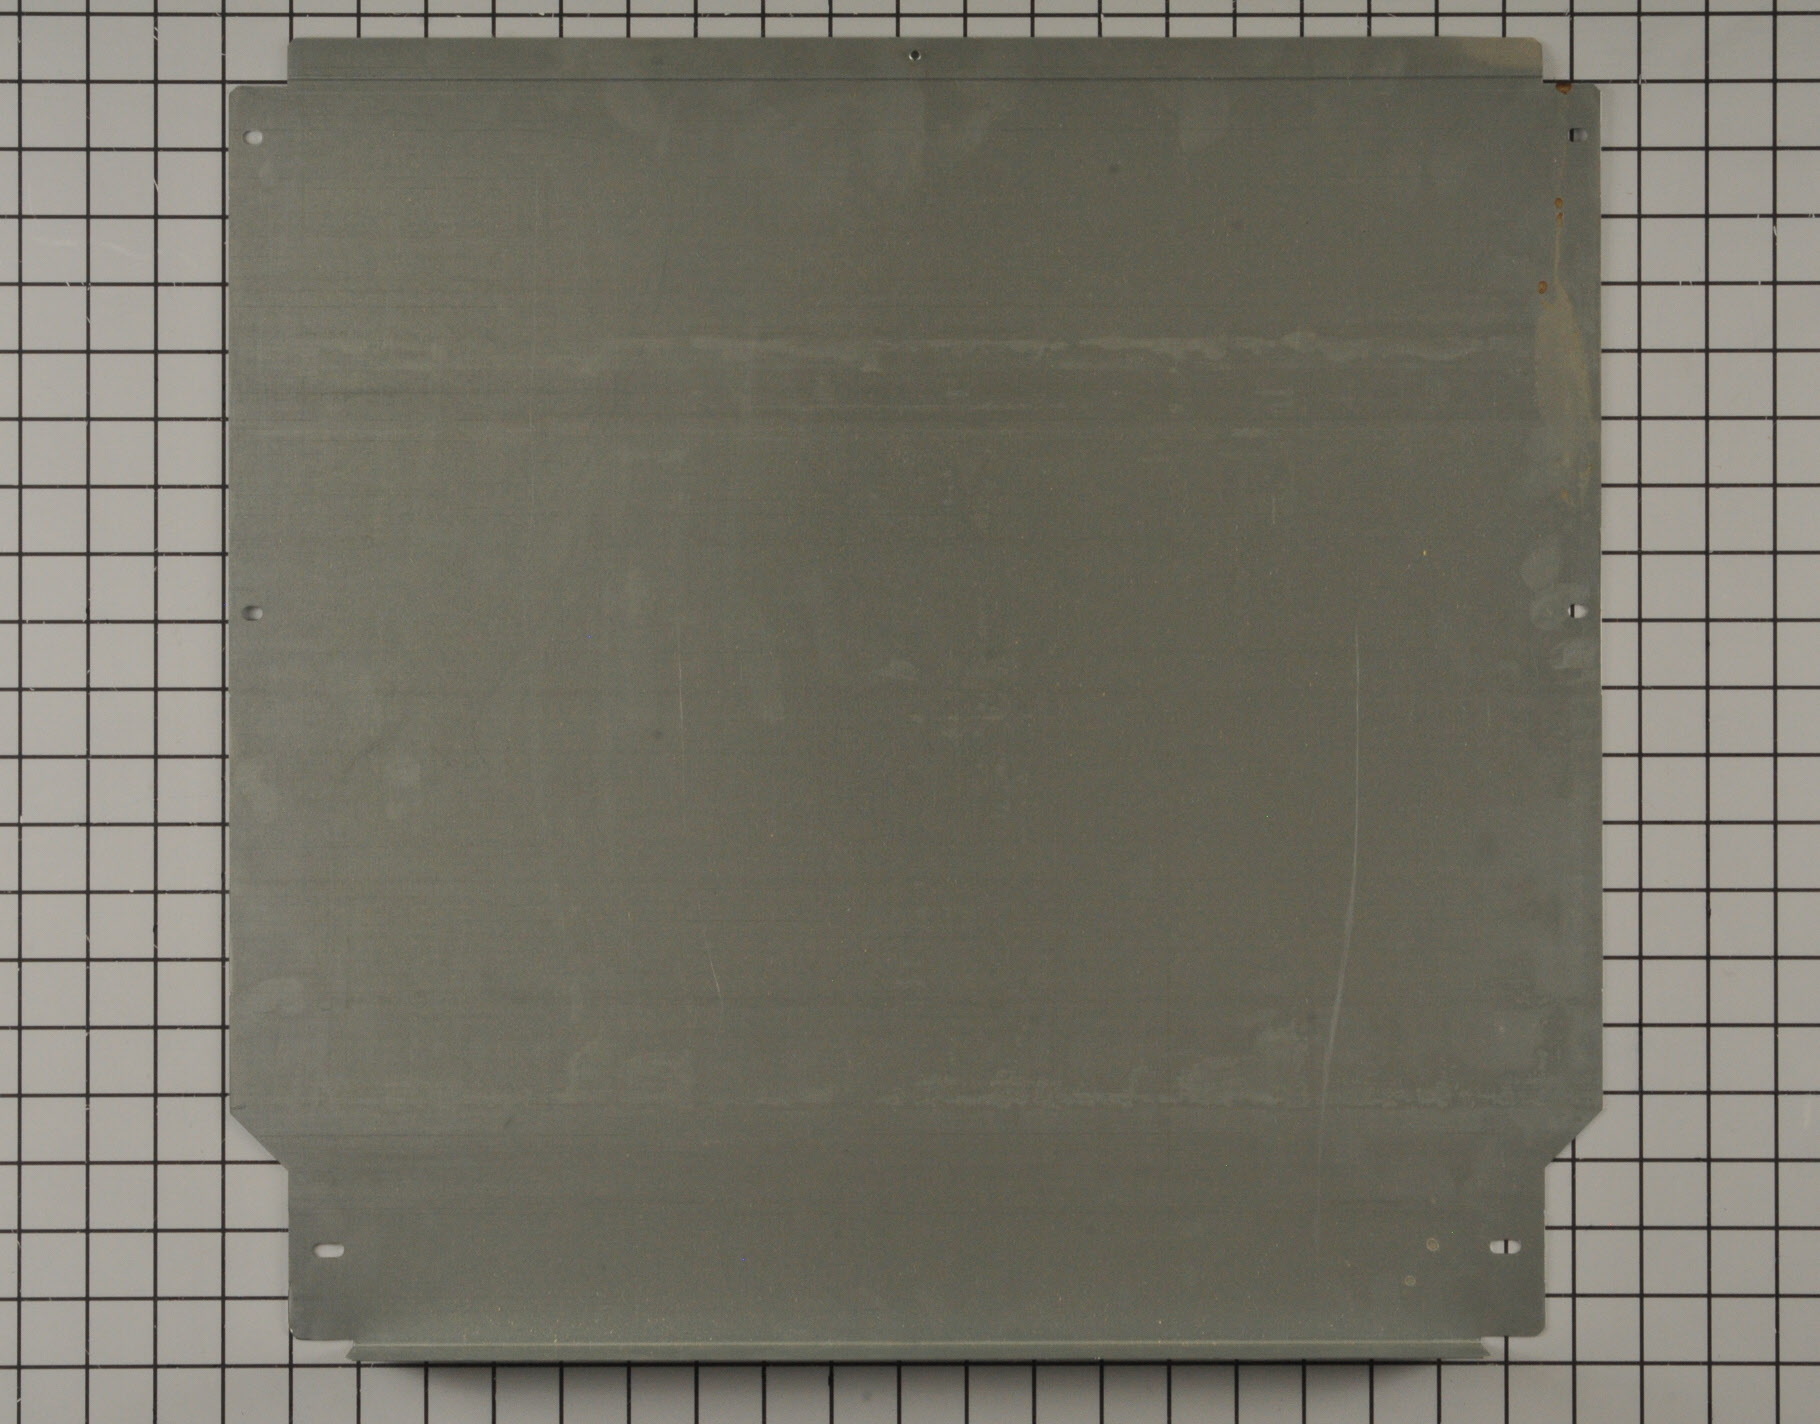 3604F416-51 Ikea Range Stove Oven Part -Heat Shield